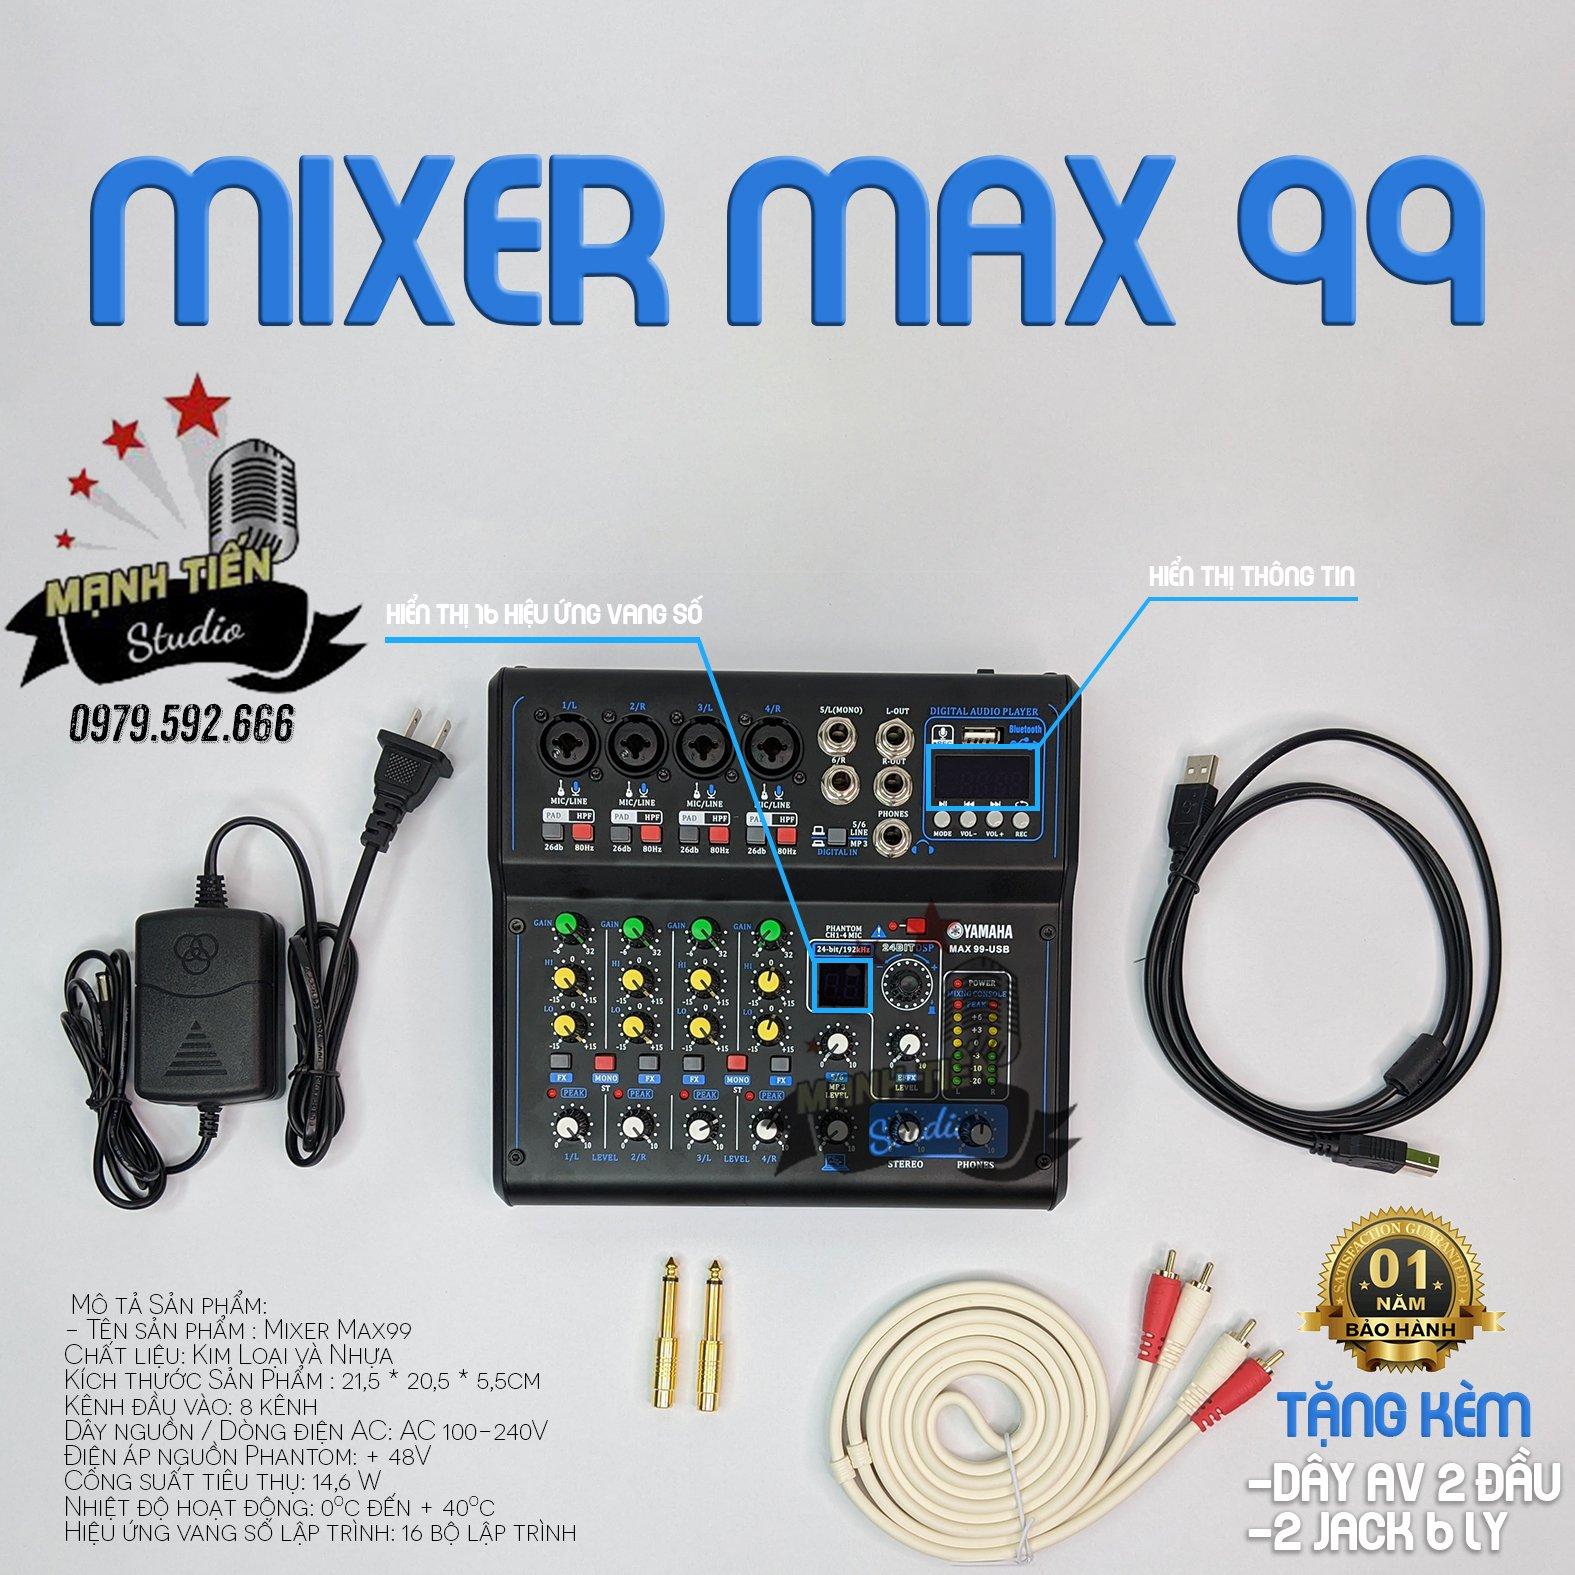 [tặng kèm dây hoa sen AV + 2 jack 6 ly] Bàn trộn âm thanh Mixer Yamaha Max 99-USB bluetooth 16 chế độ vang karaoke livestream tuyệt vời